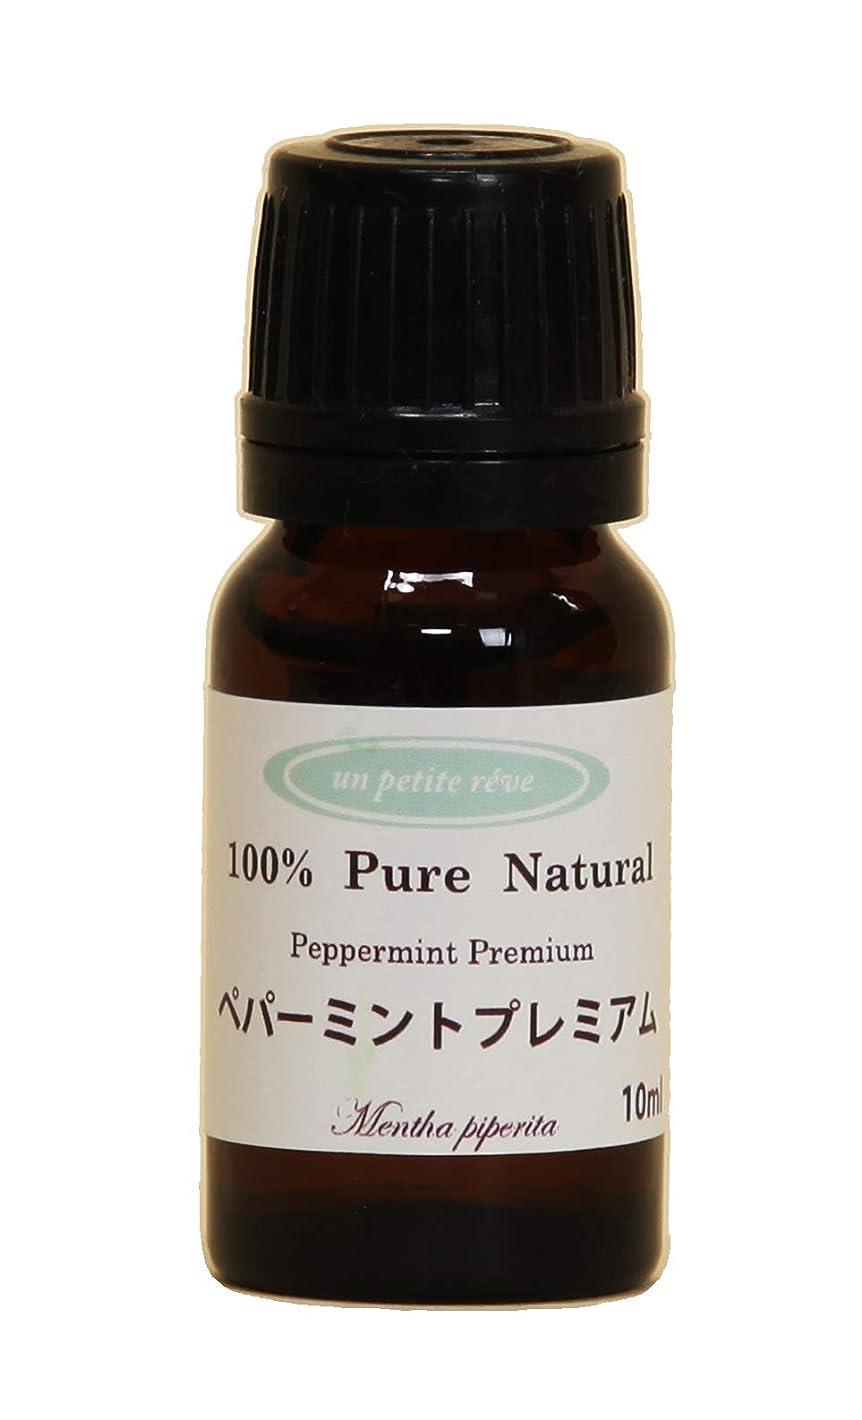 占める高度電報ペパーミントプレミアム 10ml 100%天然アロマエッセンシャルオイル(精油)